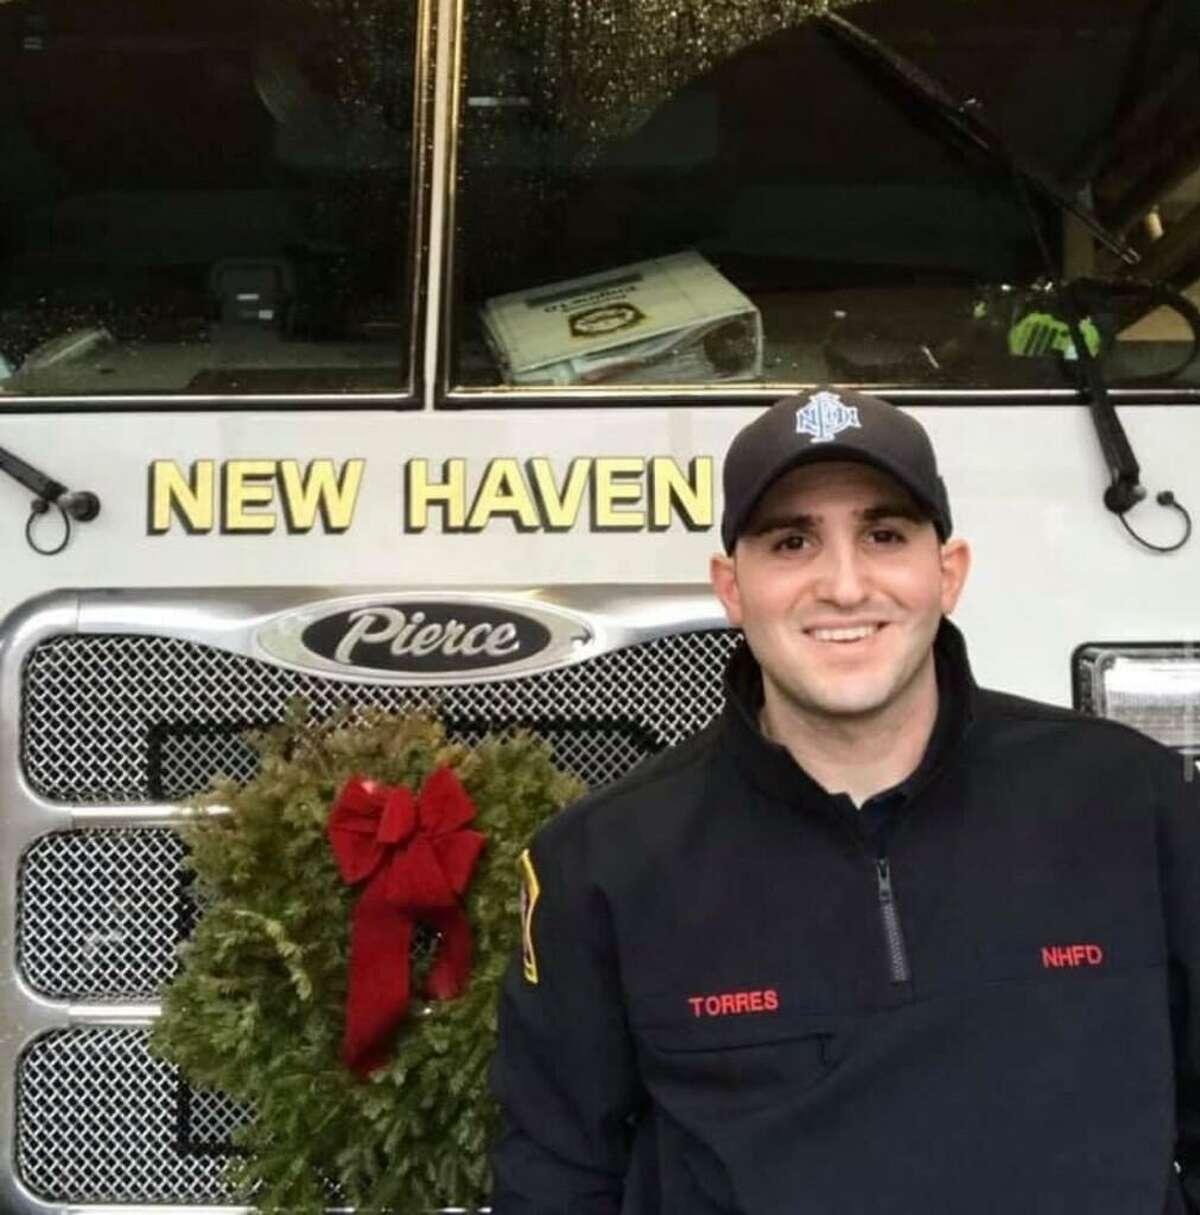 Firefighter Ricardo Torres